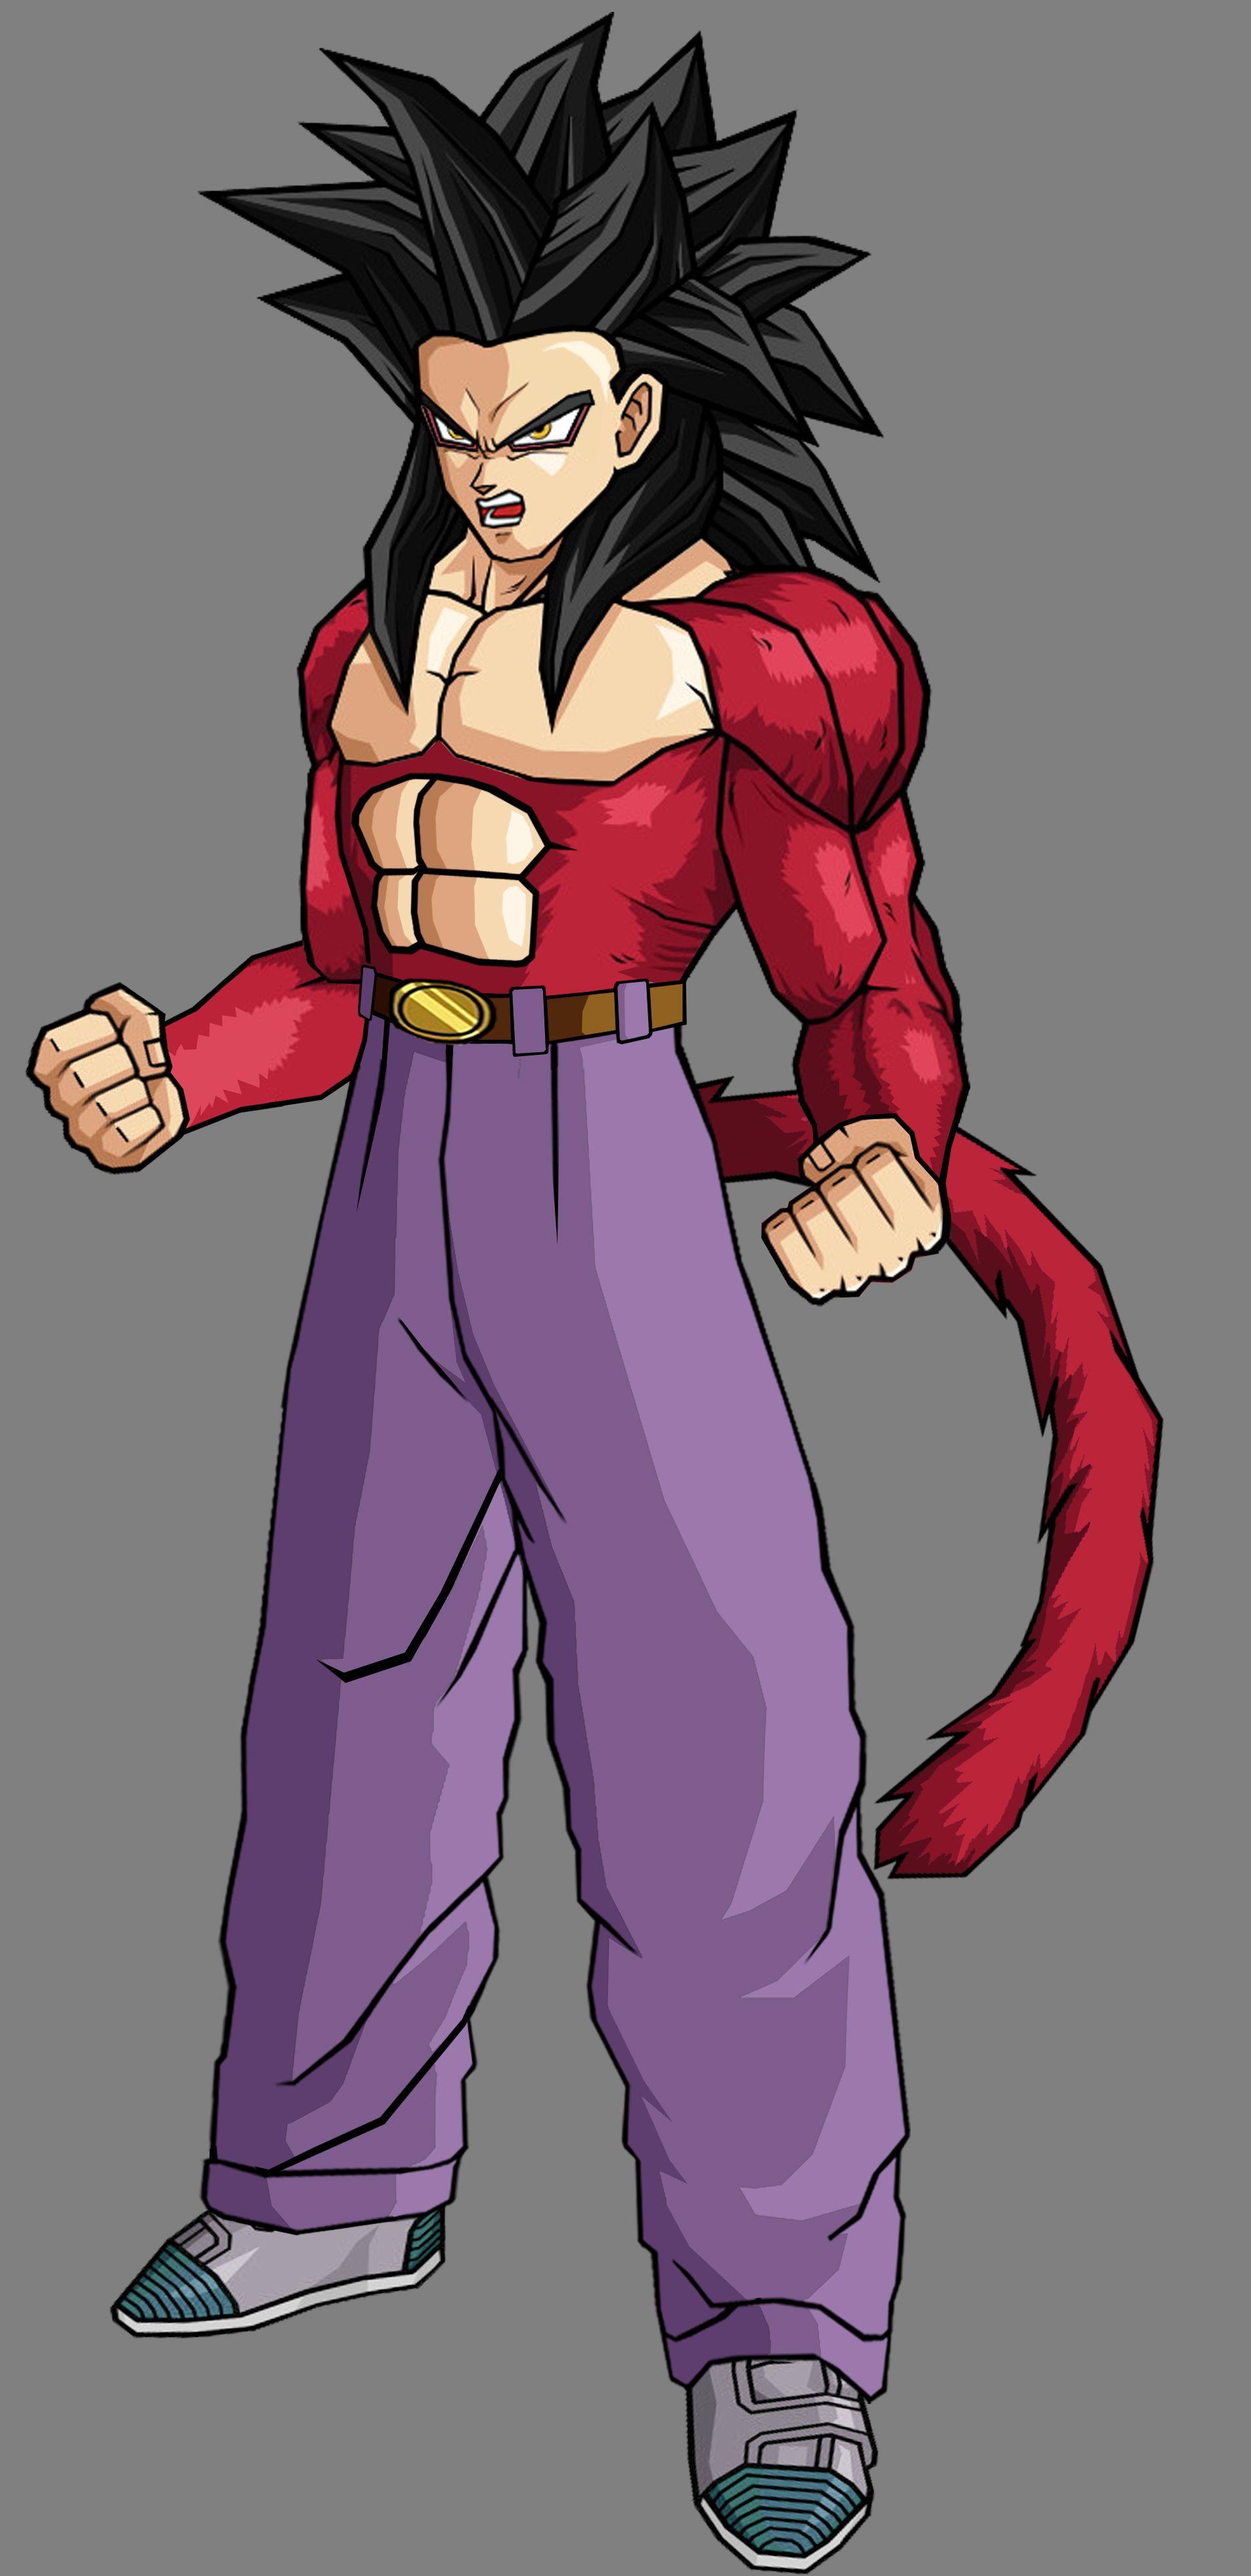 Teen Goten Ssj4 Dragonball Z Pinterest Dragon Ball Dbz And